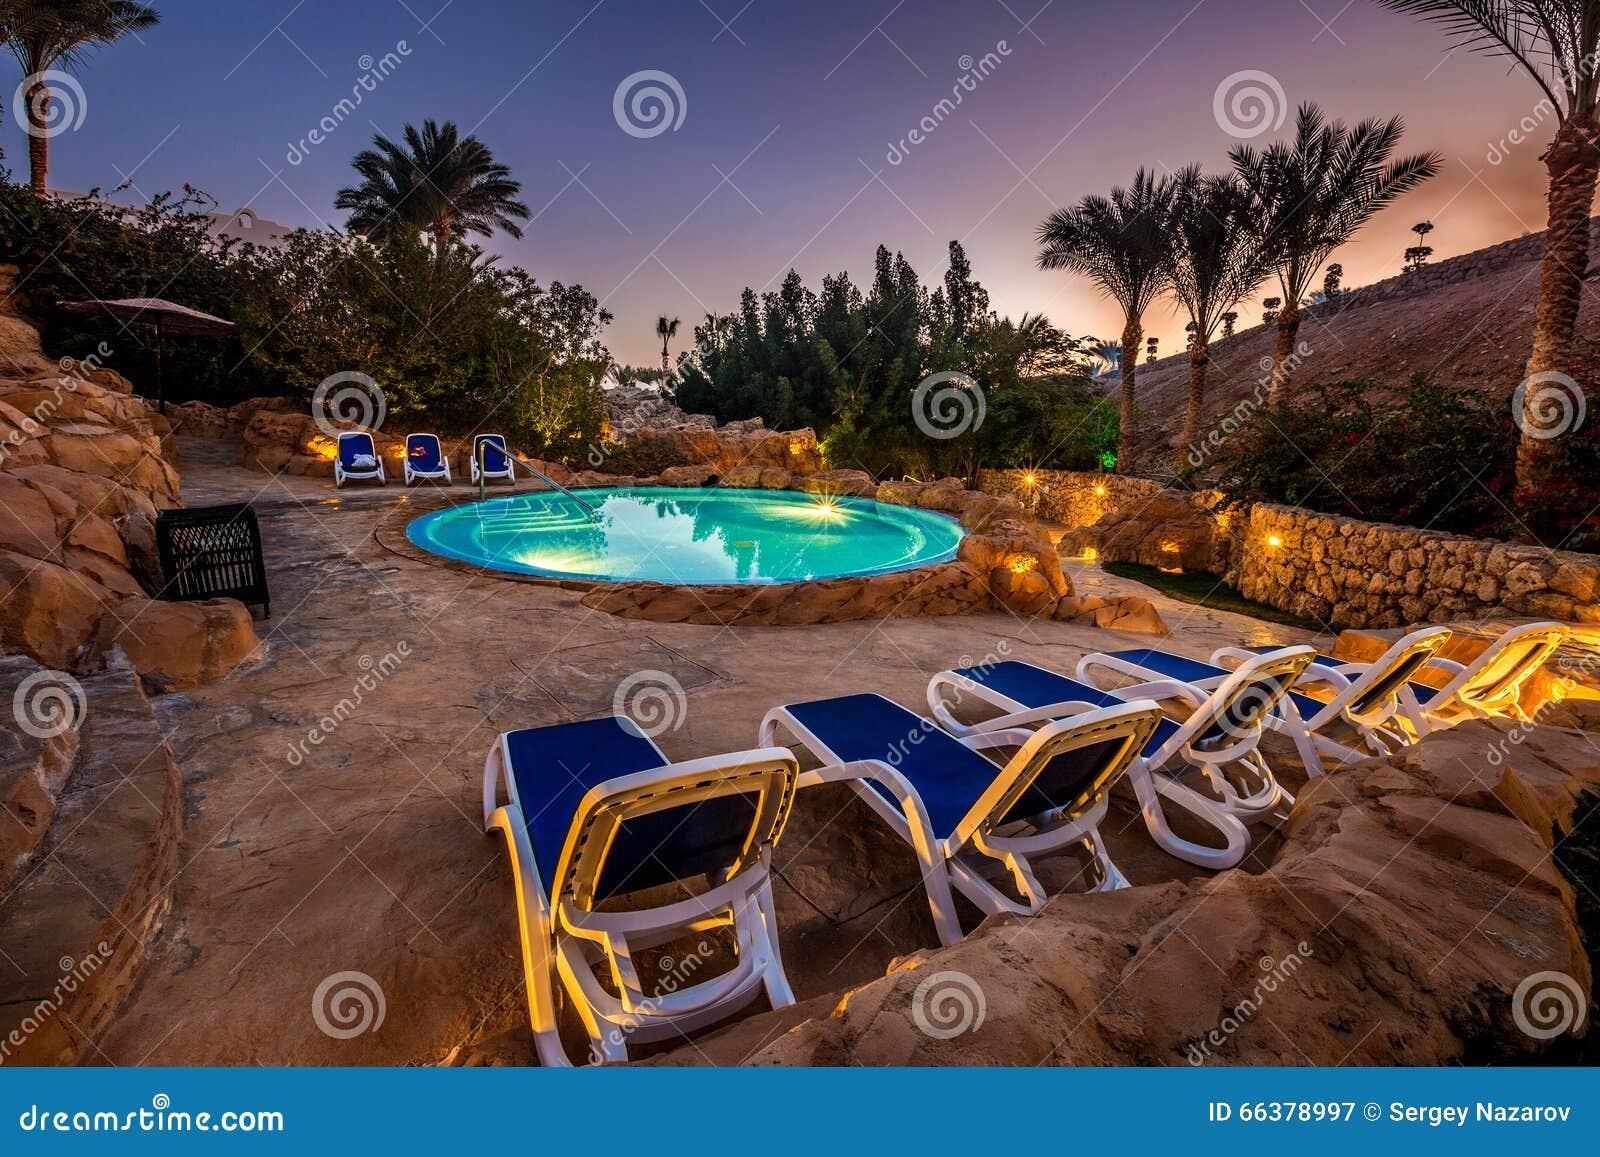 Vista di sera per la piscina di lusso nell 39 illuminazione - Illuminazione piscina ...